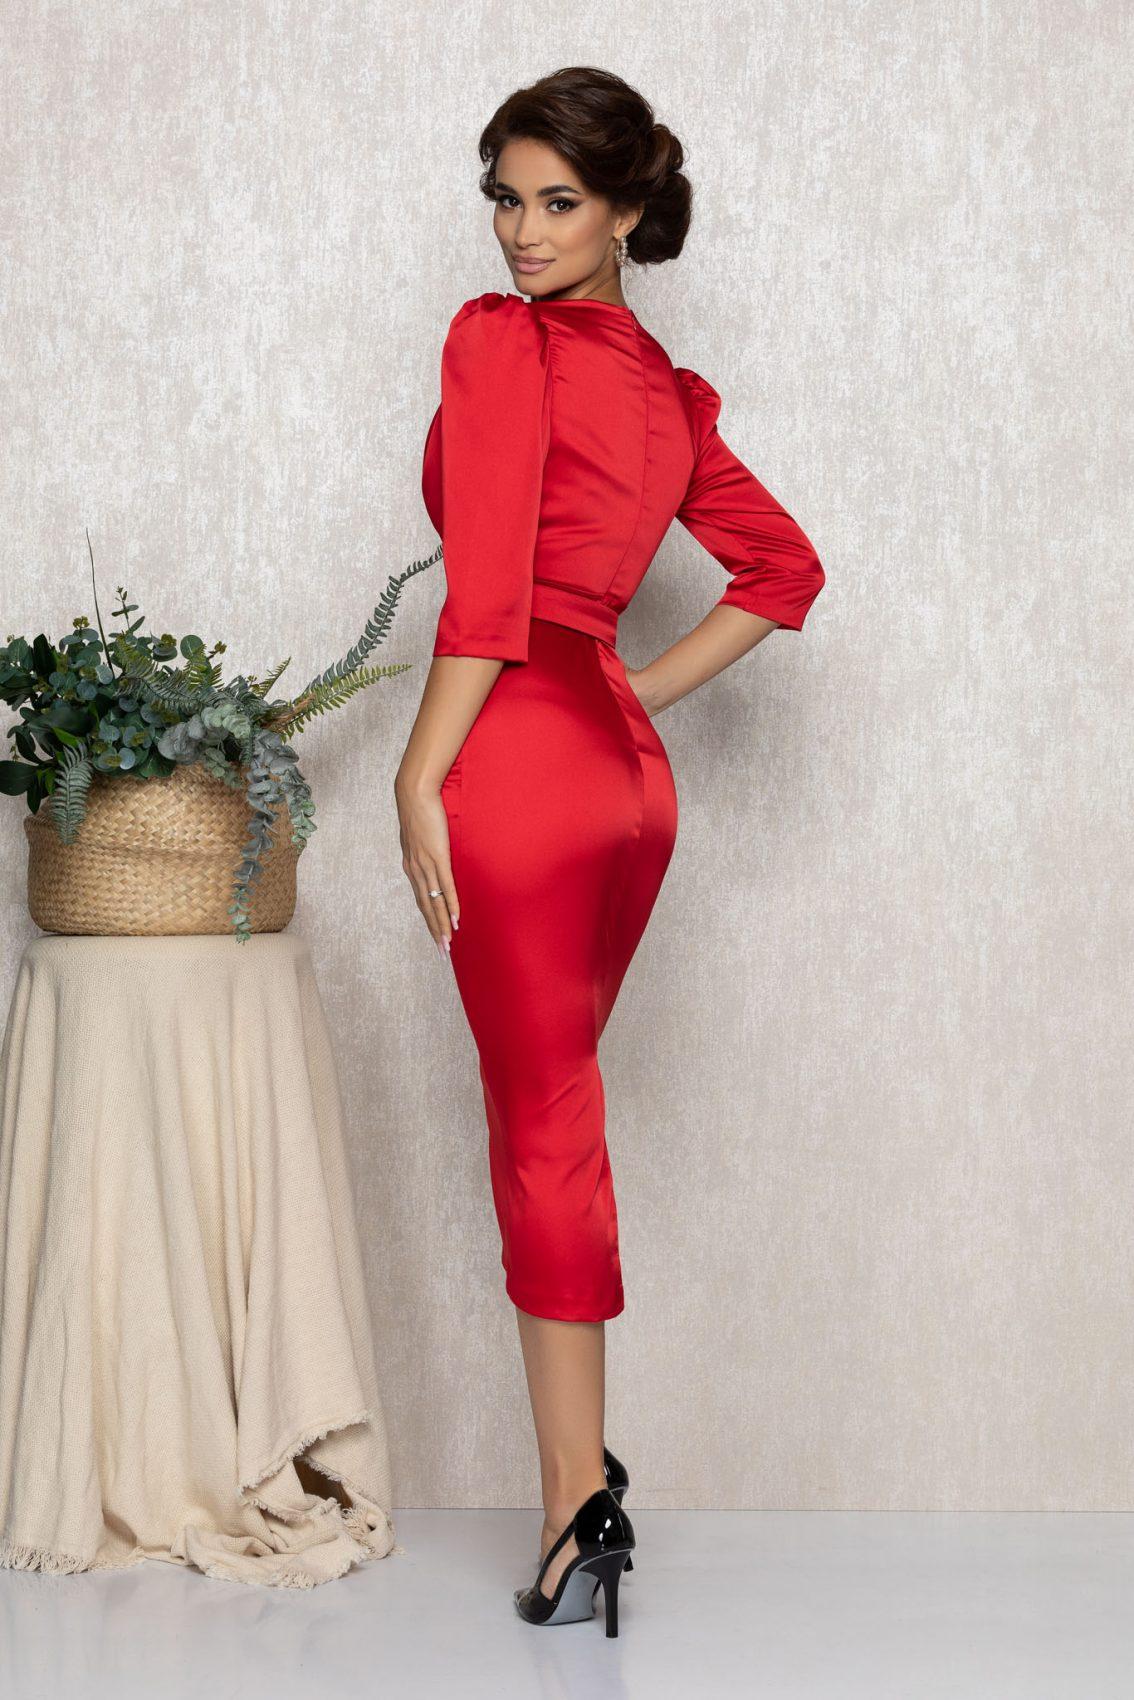 Κόκκινο Σατέν Μίντι Βραδινό Φόρεμα Brillia T173 2